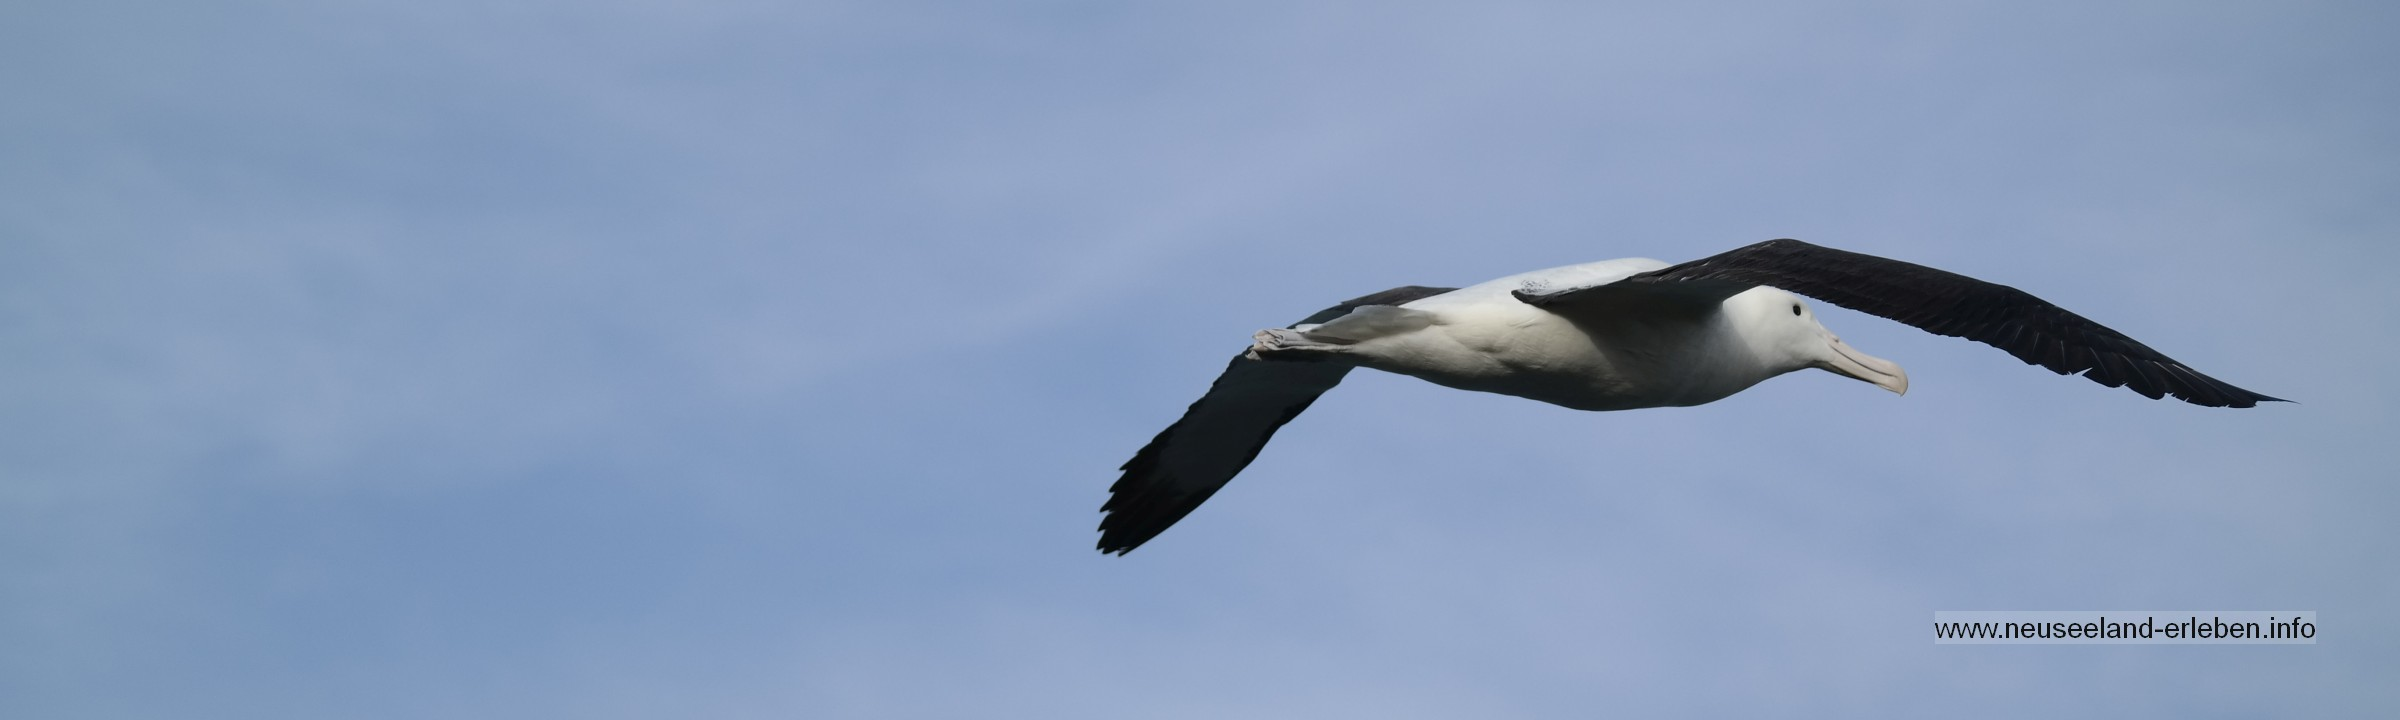 Albatros auf Neuseeland